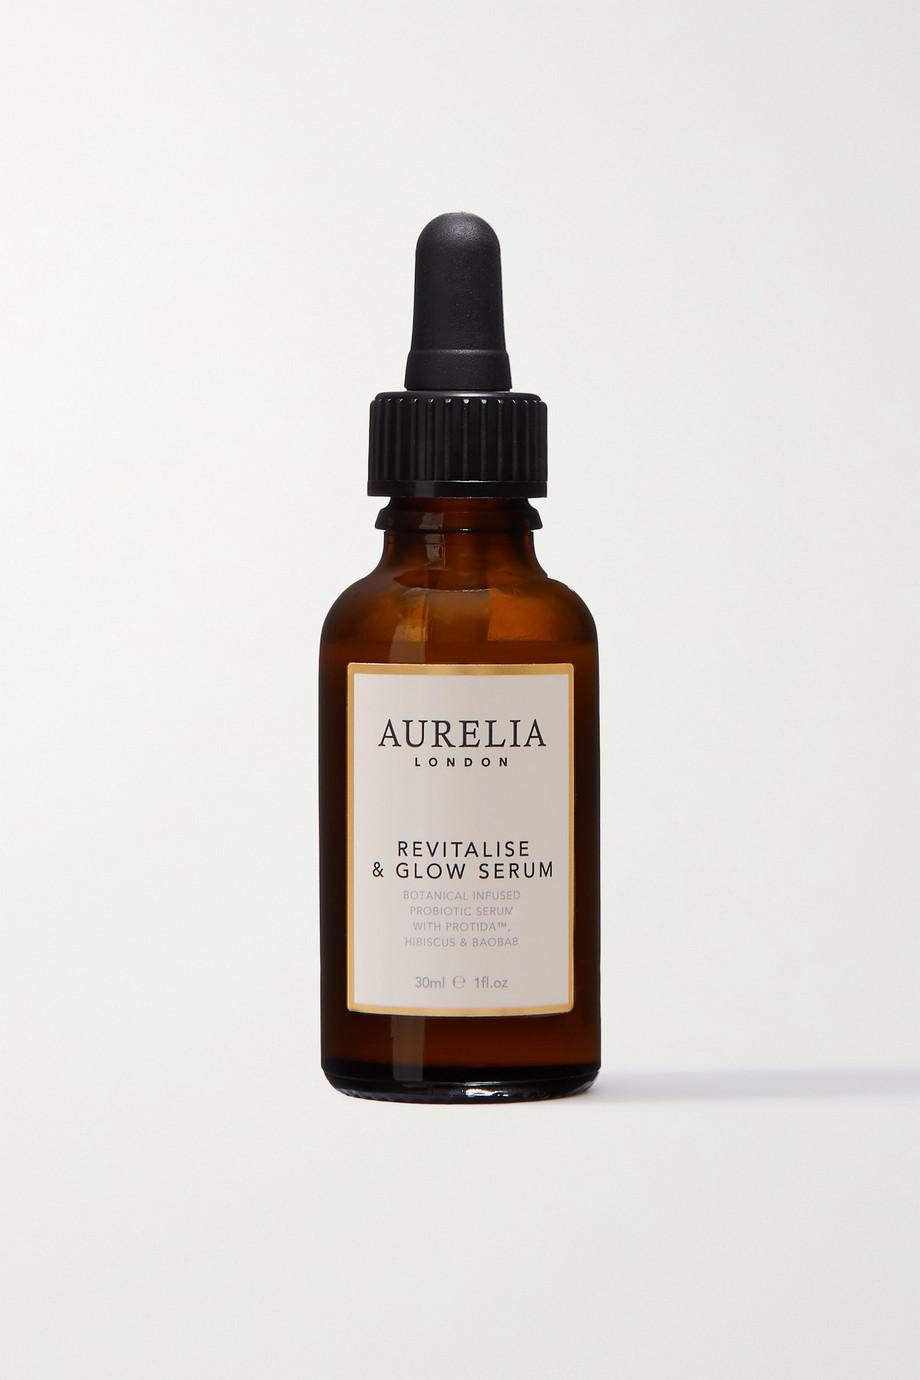 Aurelia Probiotic Skincare + NET SUSTAIN Revitalize & Glow Serum, 30ml